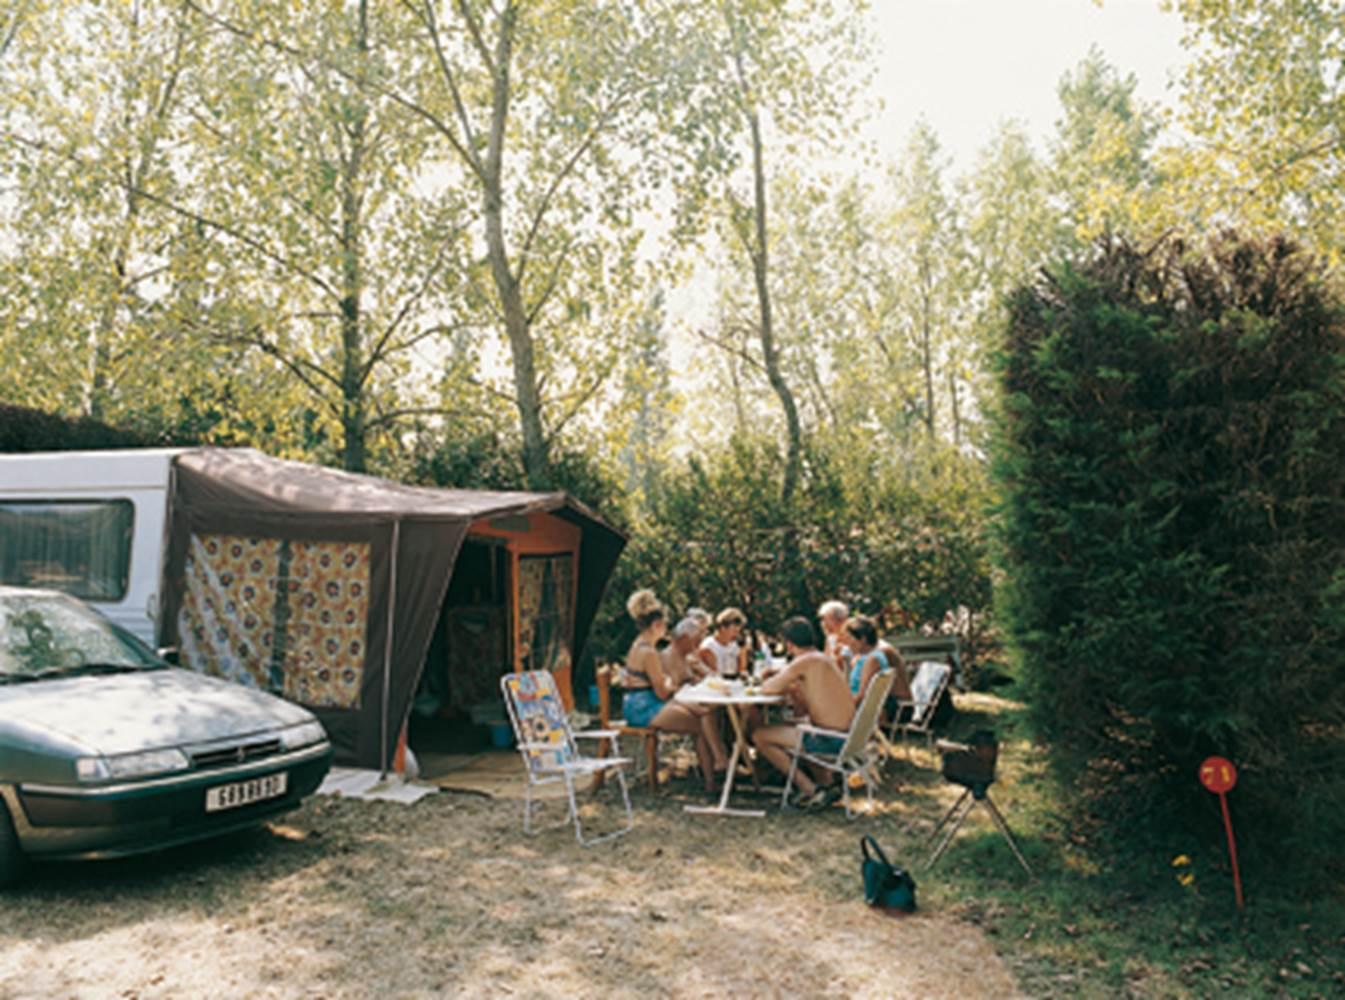 Camping-Le-Cadran-Solaire-Vue-Aérienne-Le-Tour-du-Parc-Presqu'île-de-Rhuys-Golfe-du-Morbihan-Bretagne sud © Le Cadran Solaire